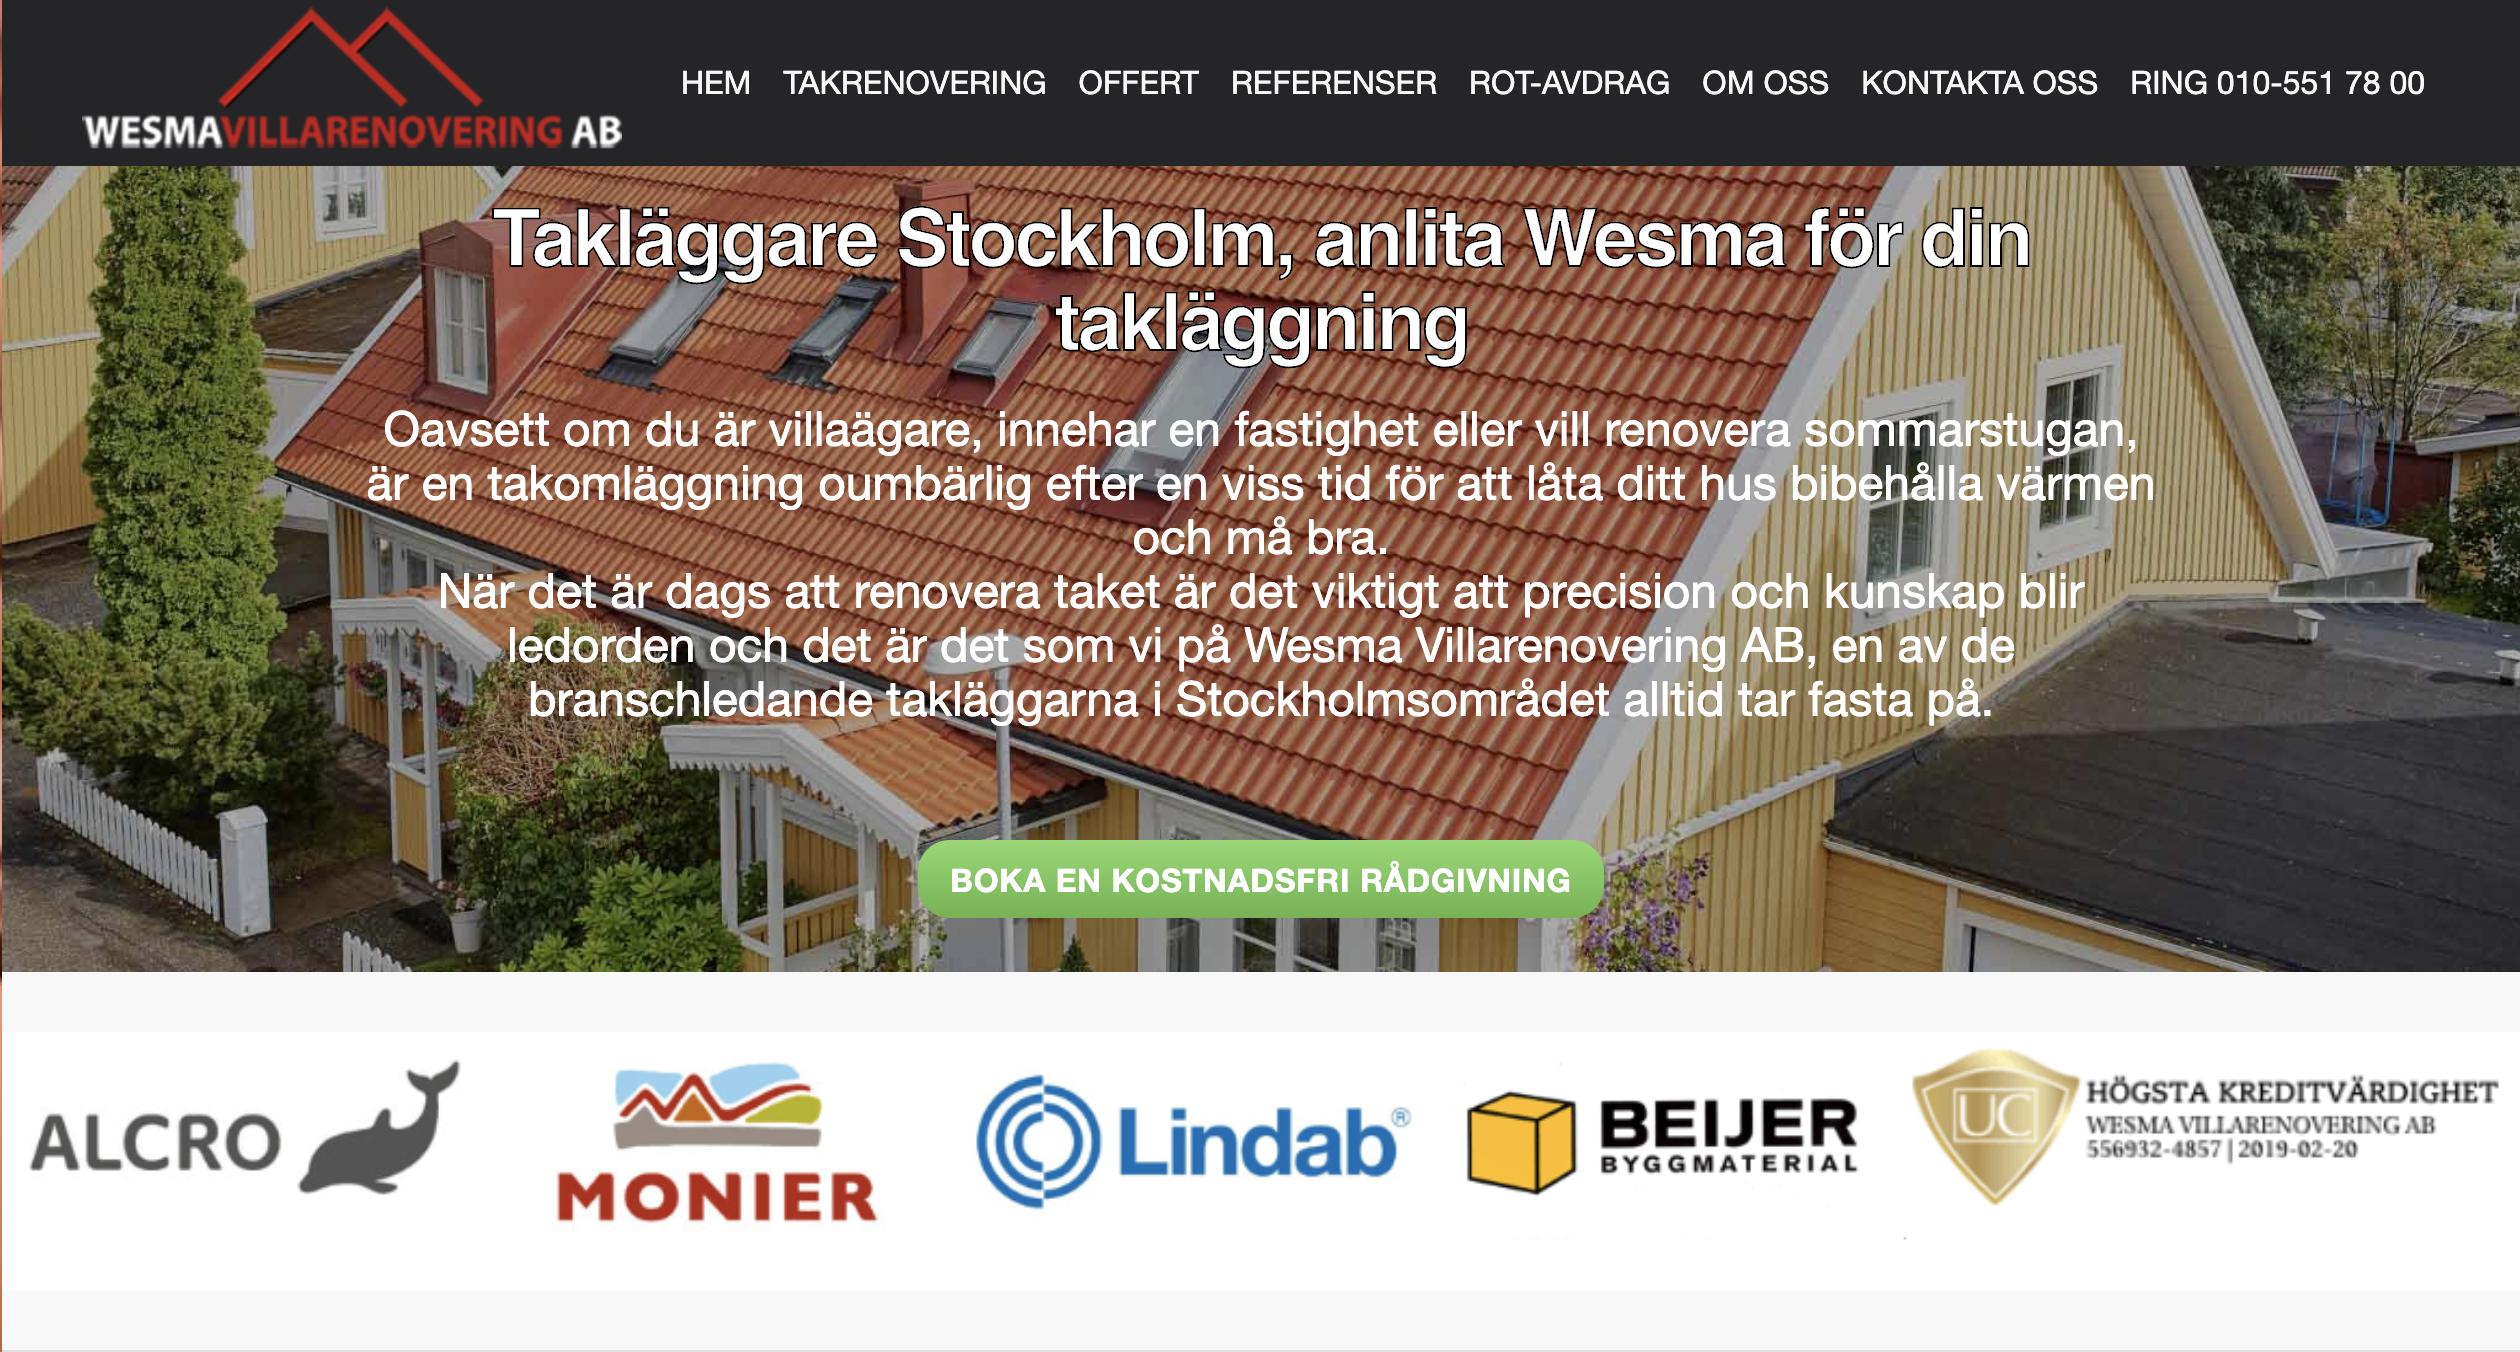 Puffer lanserar hemsida för Wesma Villarenovering AB, takläggare i Stockholm